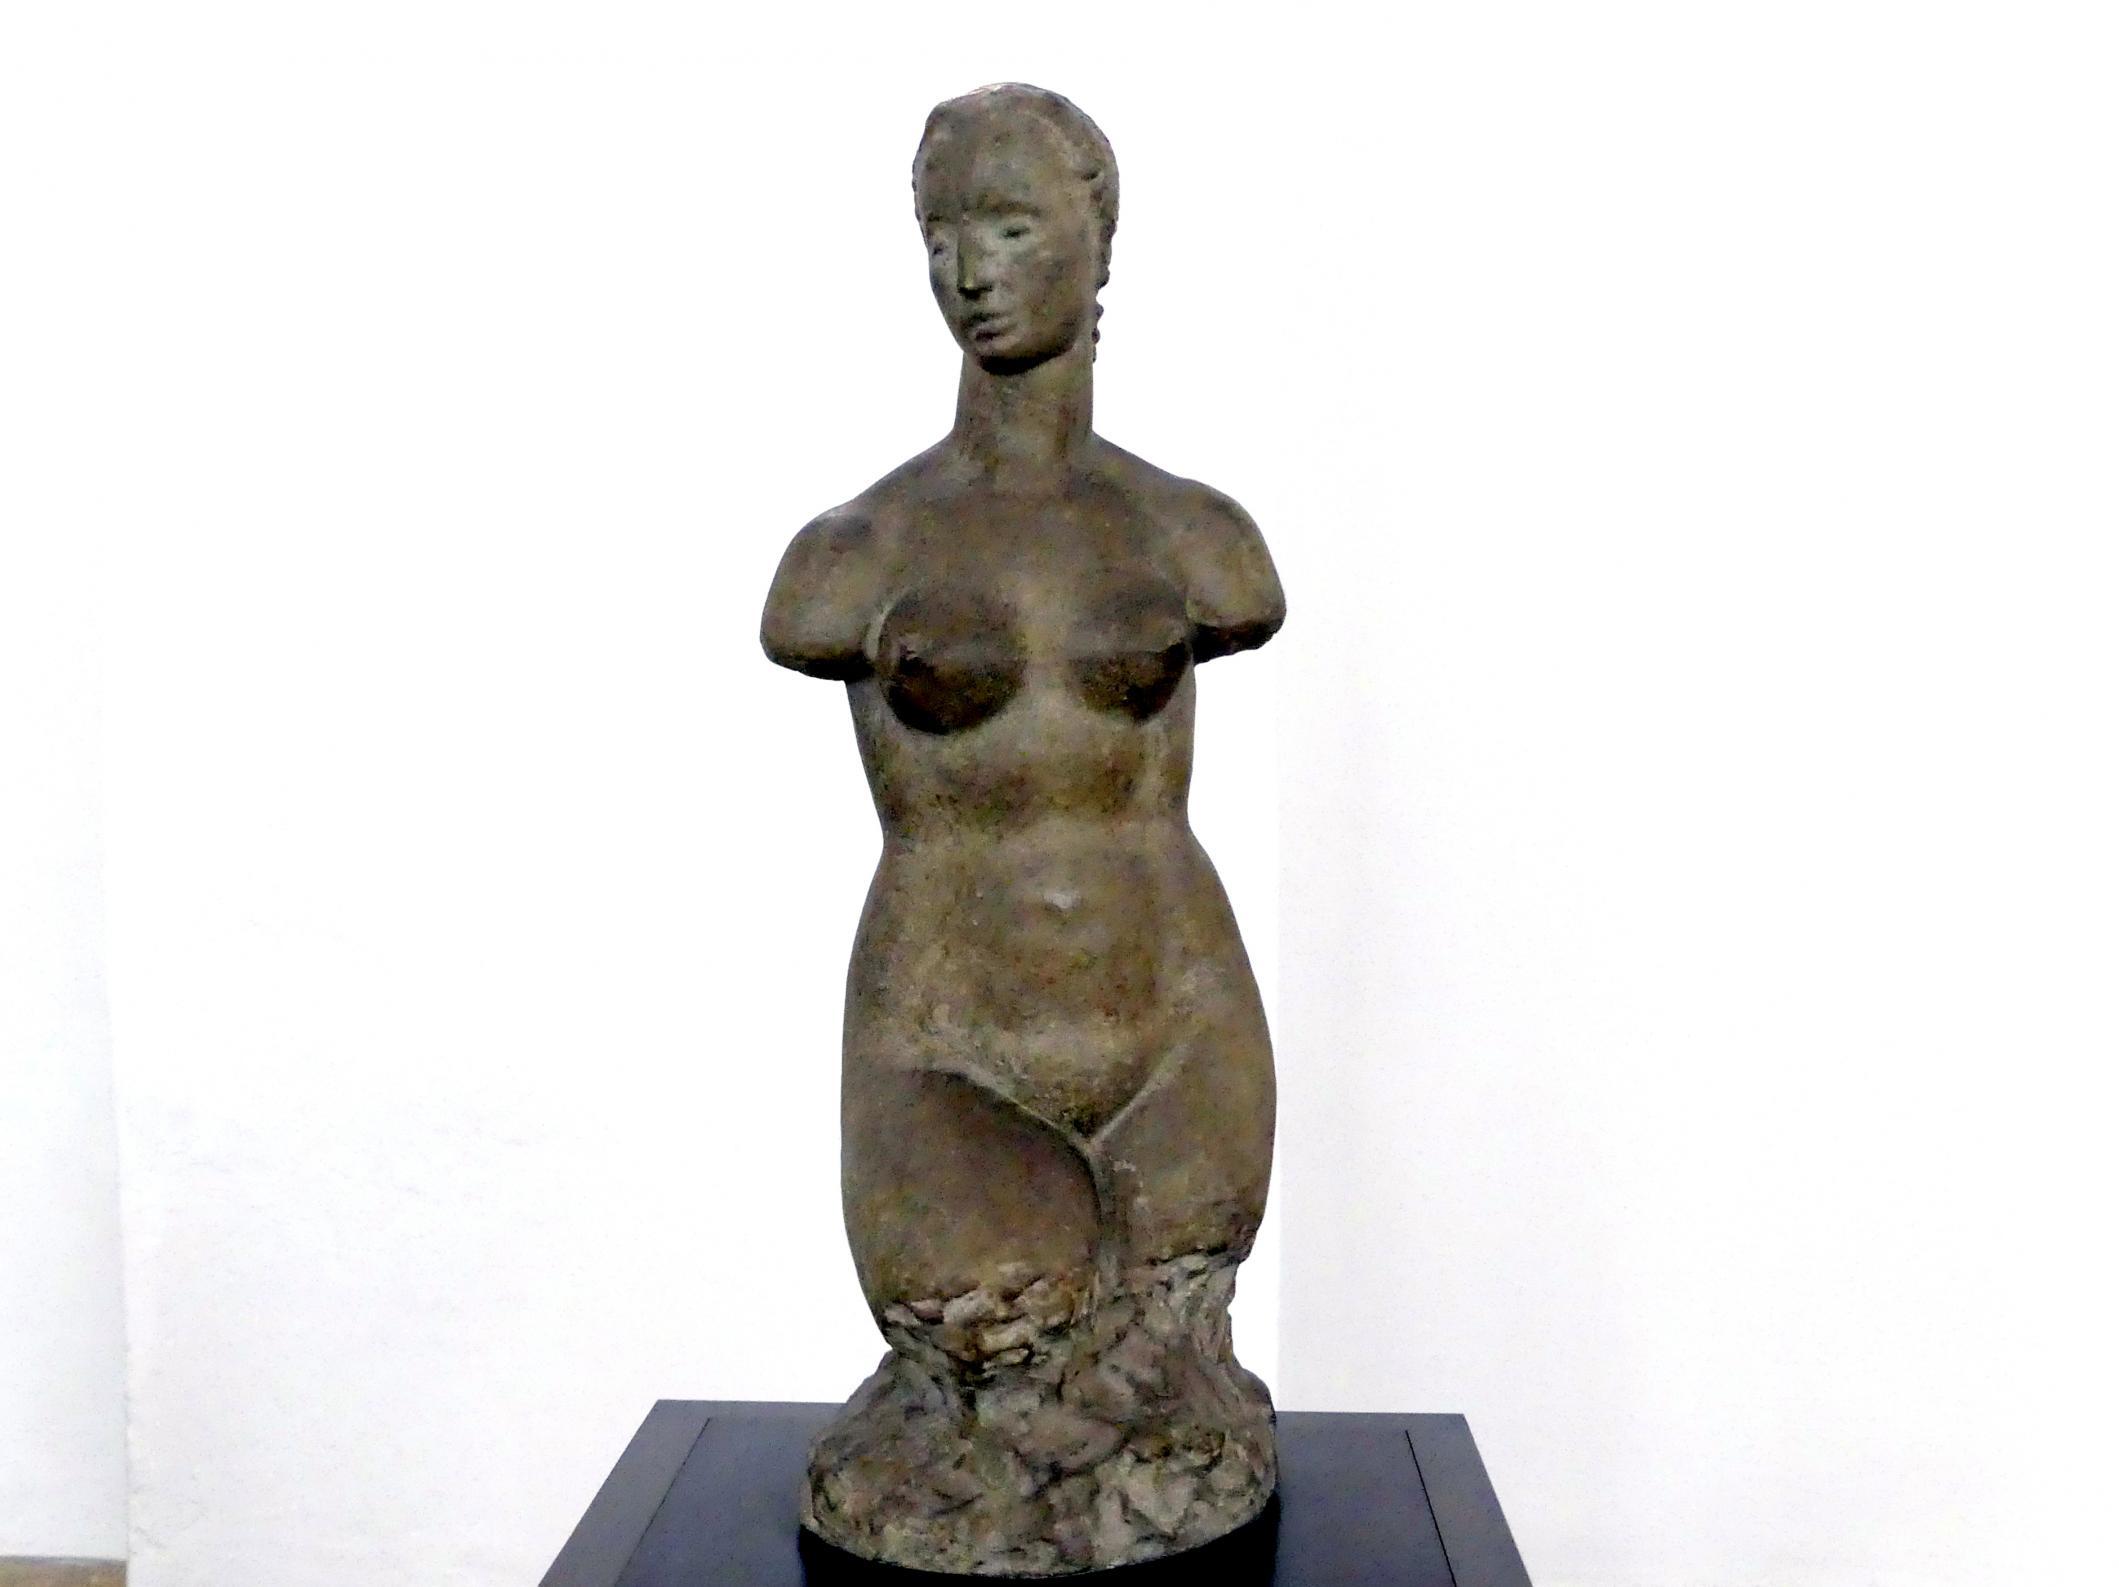 """Wilhelm Lehmbruck: Kleiner weiblicher Torso - sogenannter """"Hagener Torso"""", 1910 - 1911"""